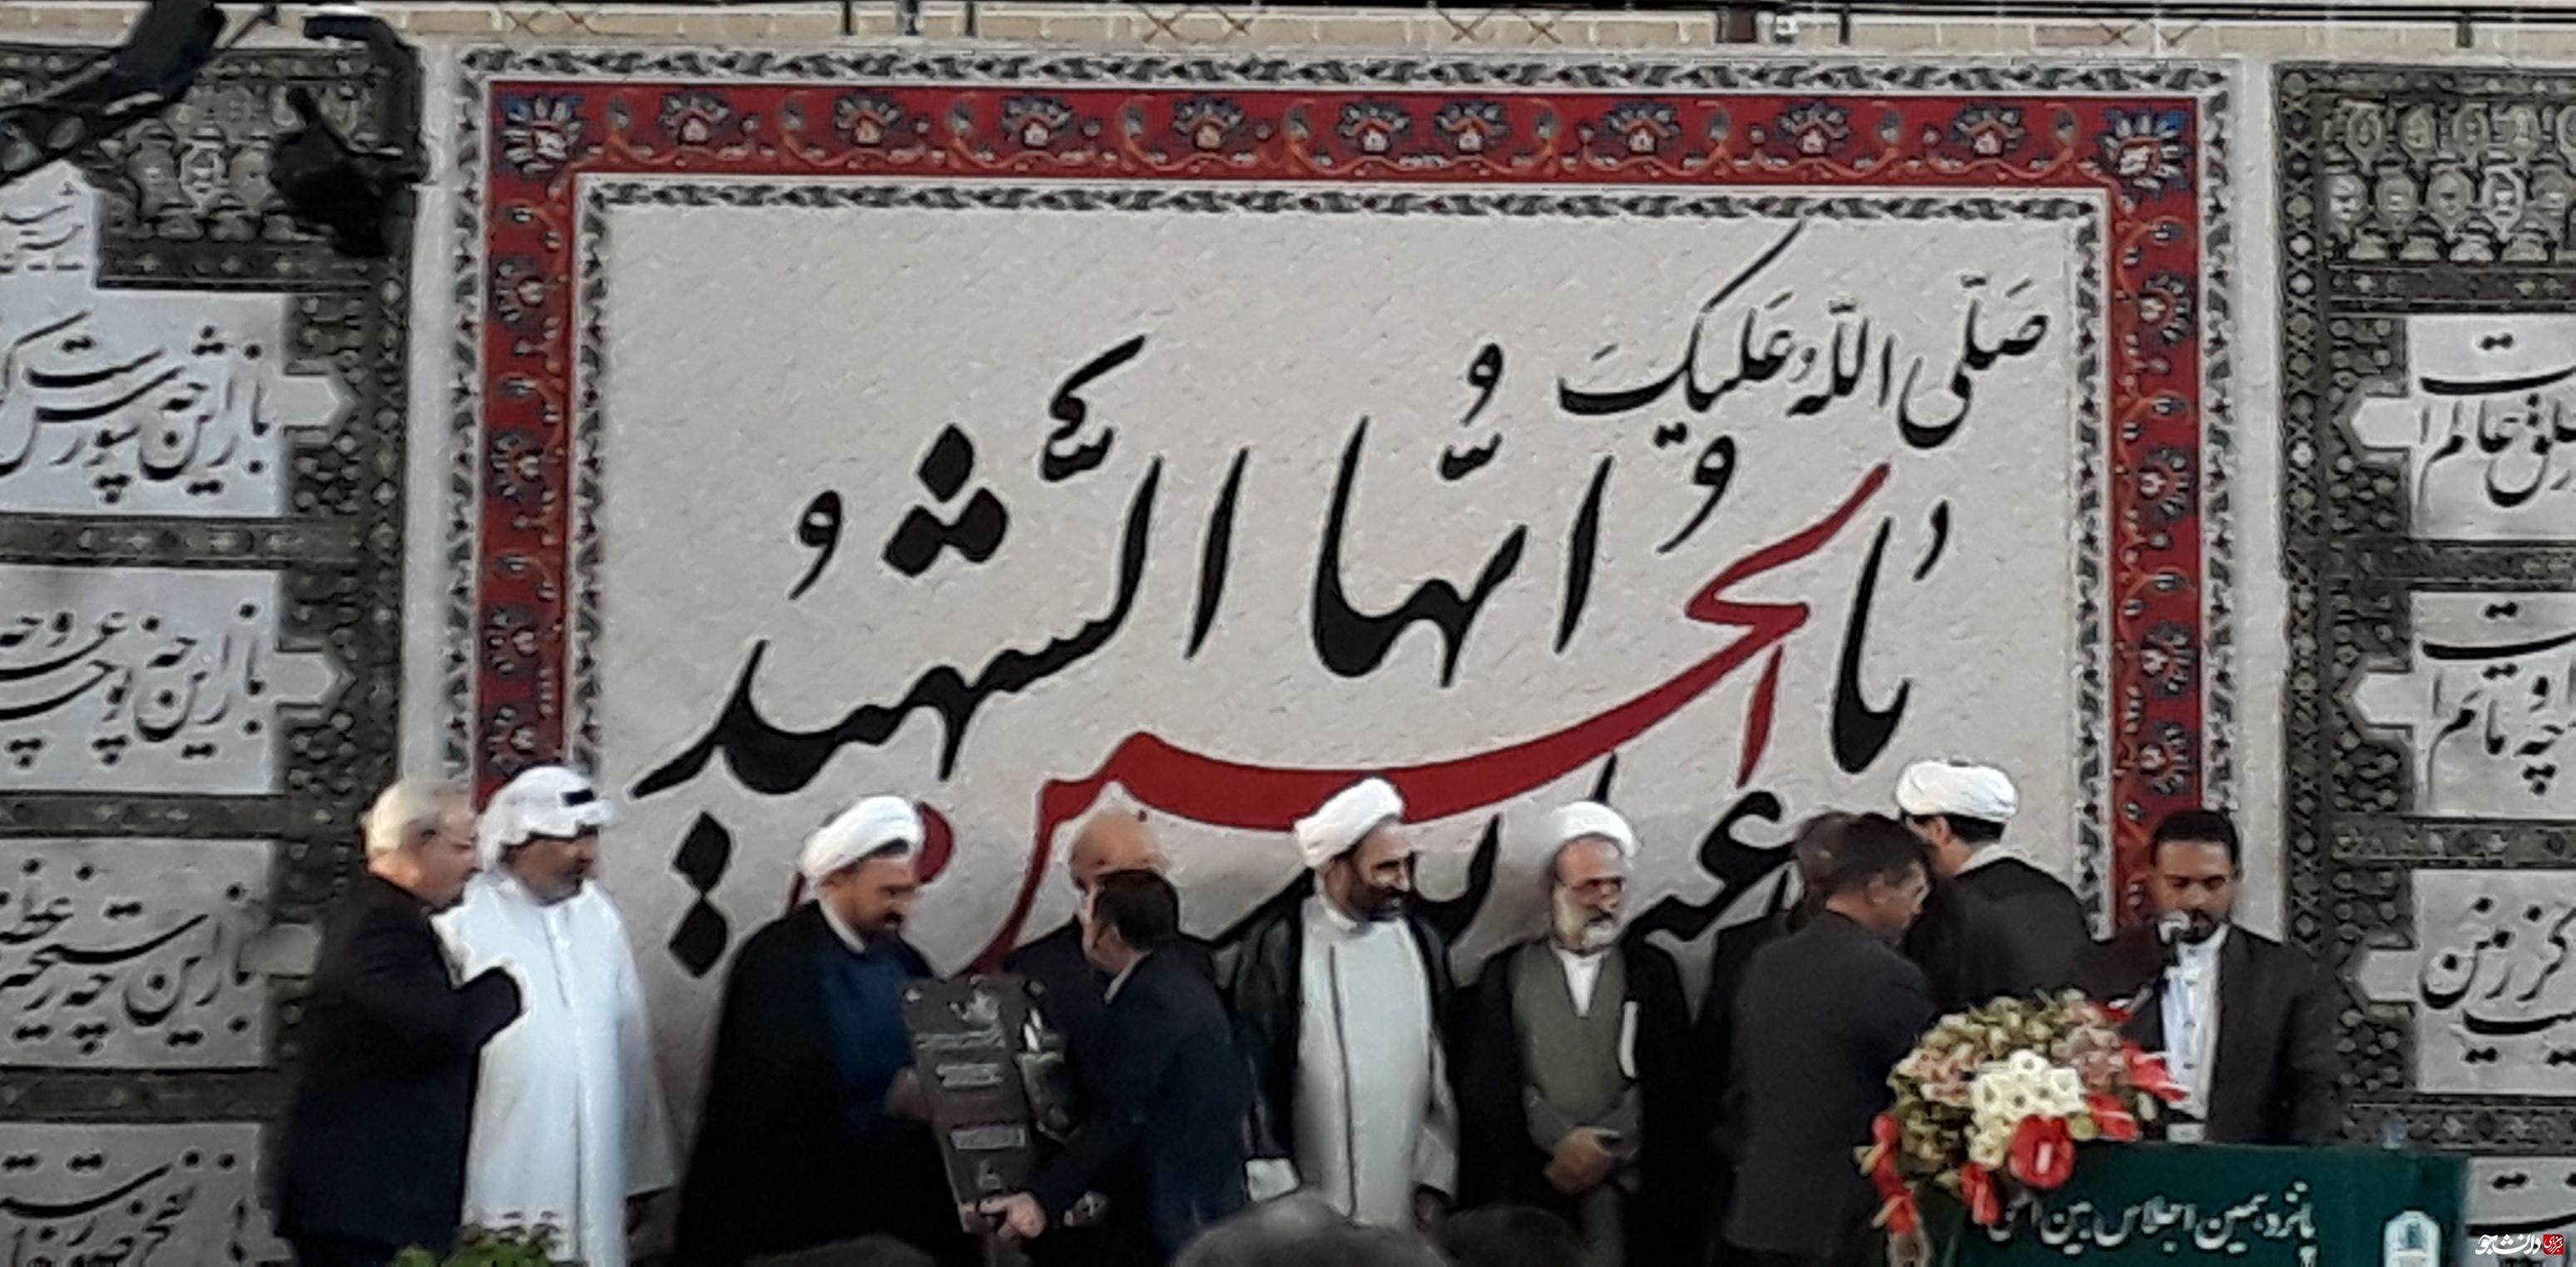 لحظه به لحظه با سومین رو همایش پیر غلامان حسینی